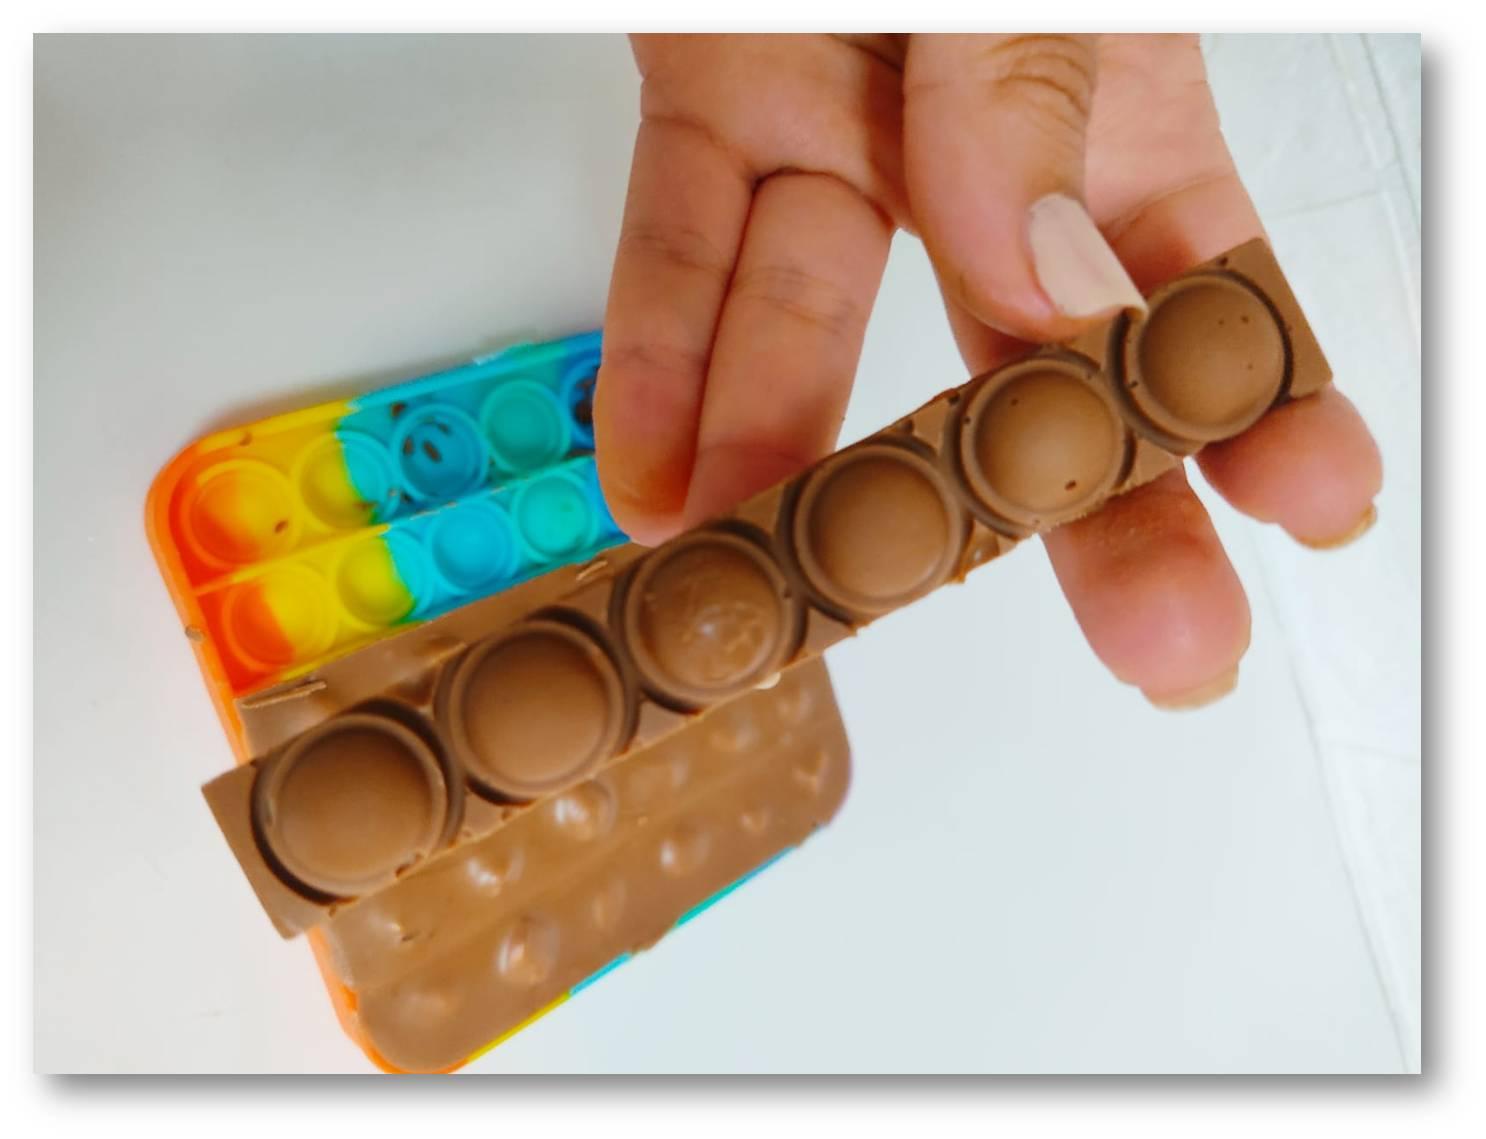 חטיף שוקולד אגוזי מ2 מרכיבים